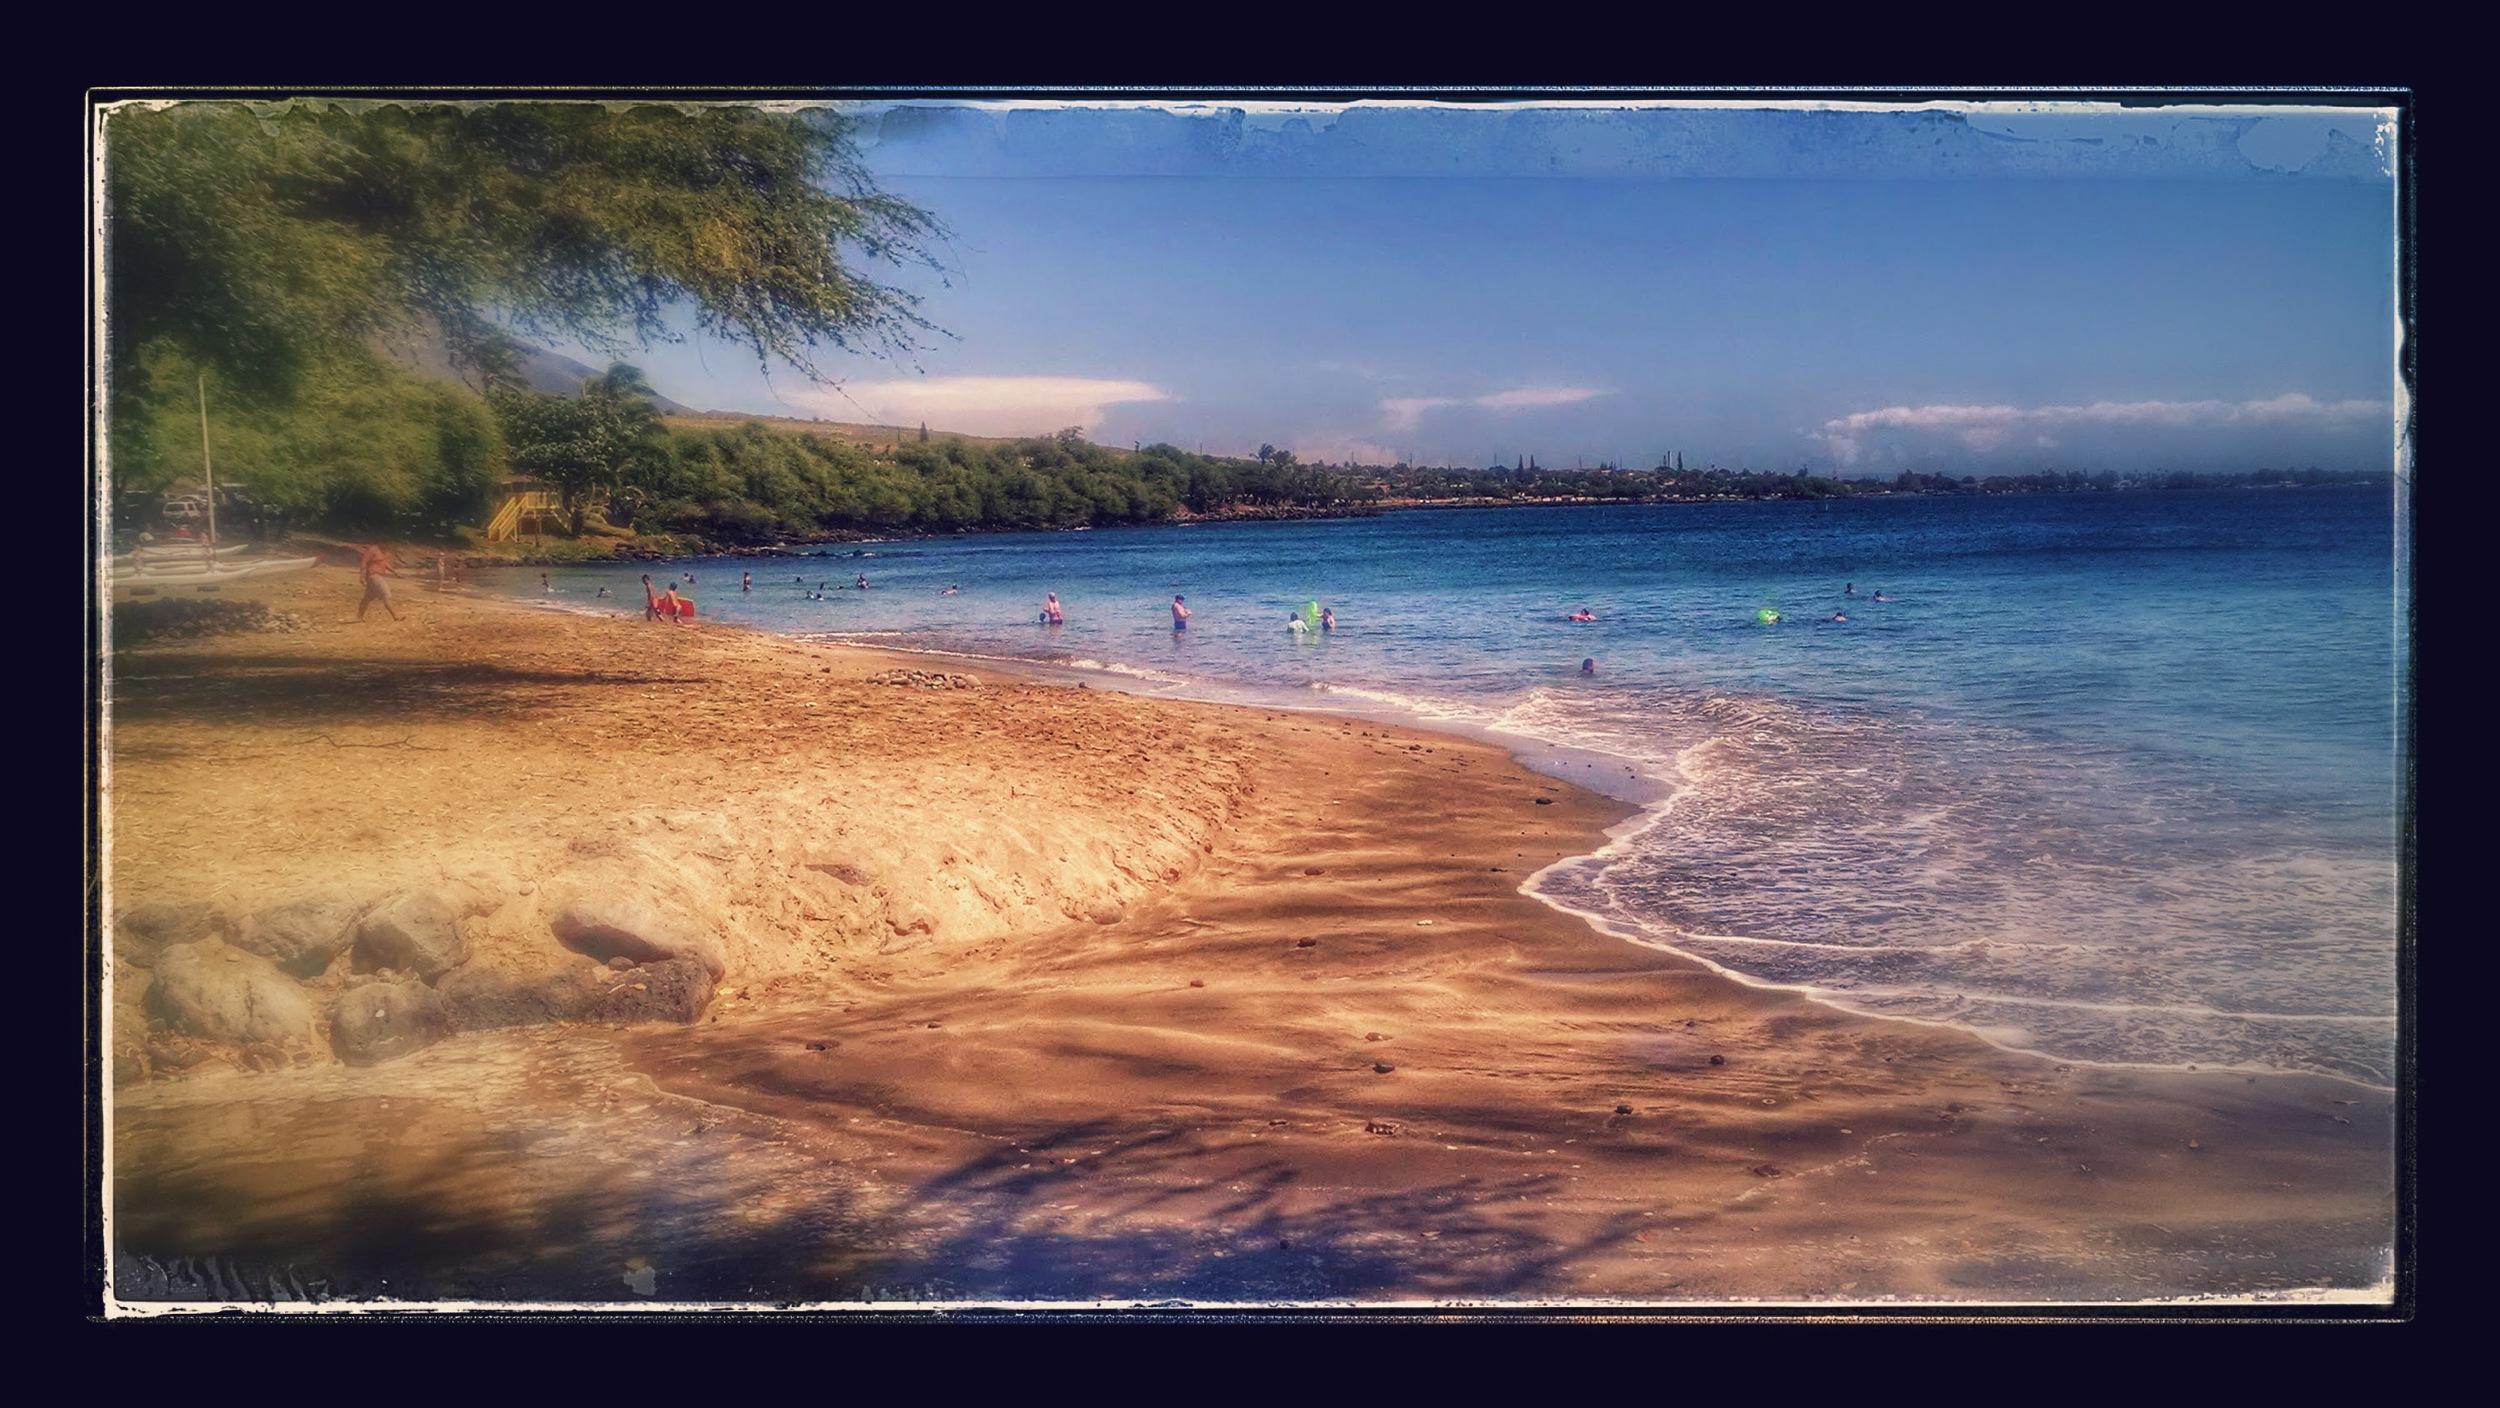 Maui Beach - Maui, Hawaii